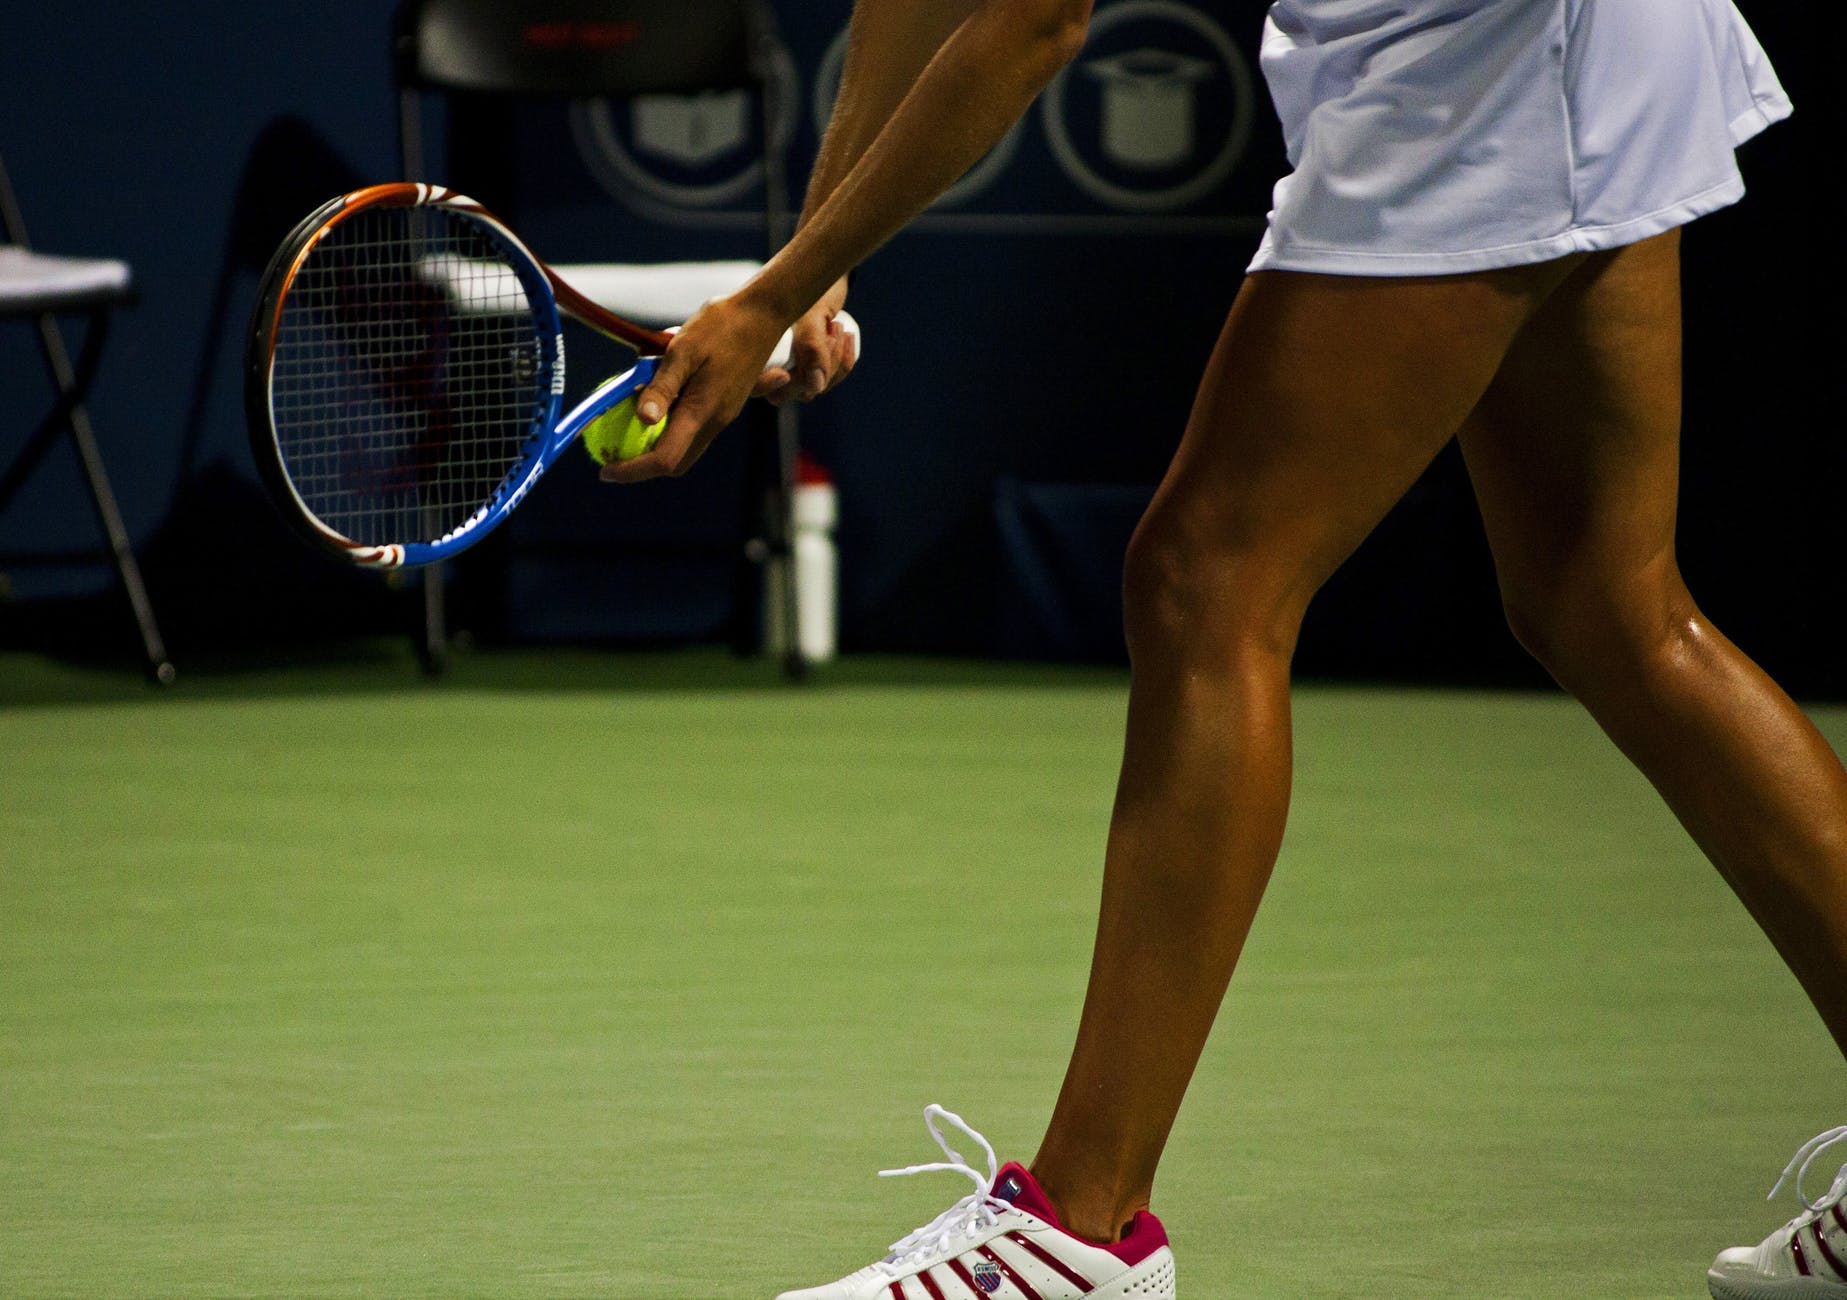 Vestimentație, numere și noroc în tenis